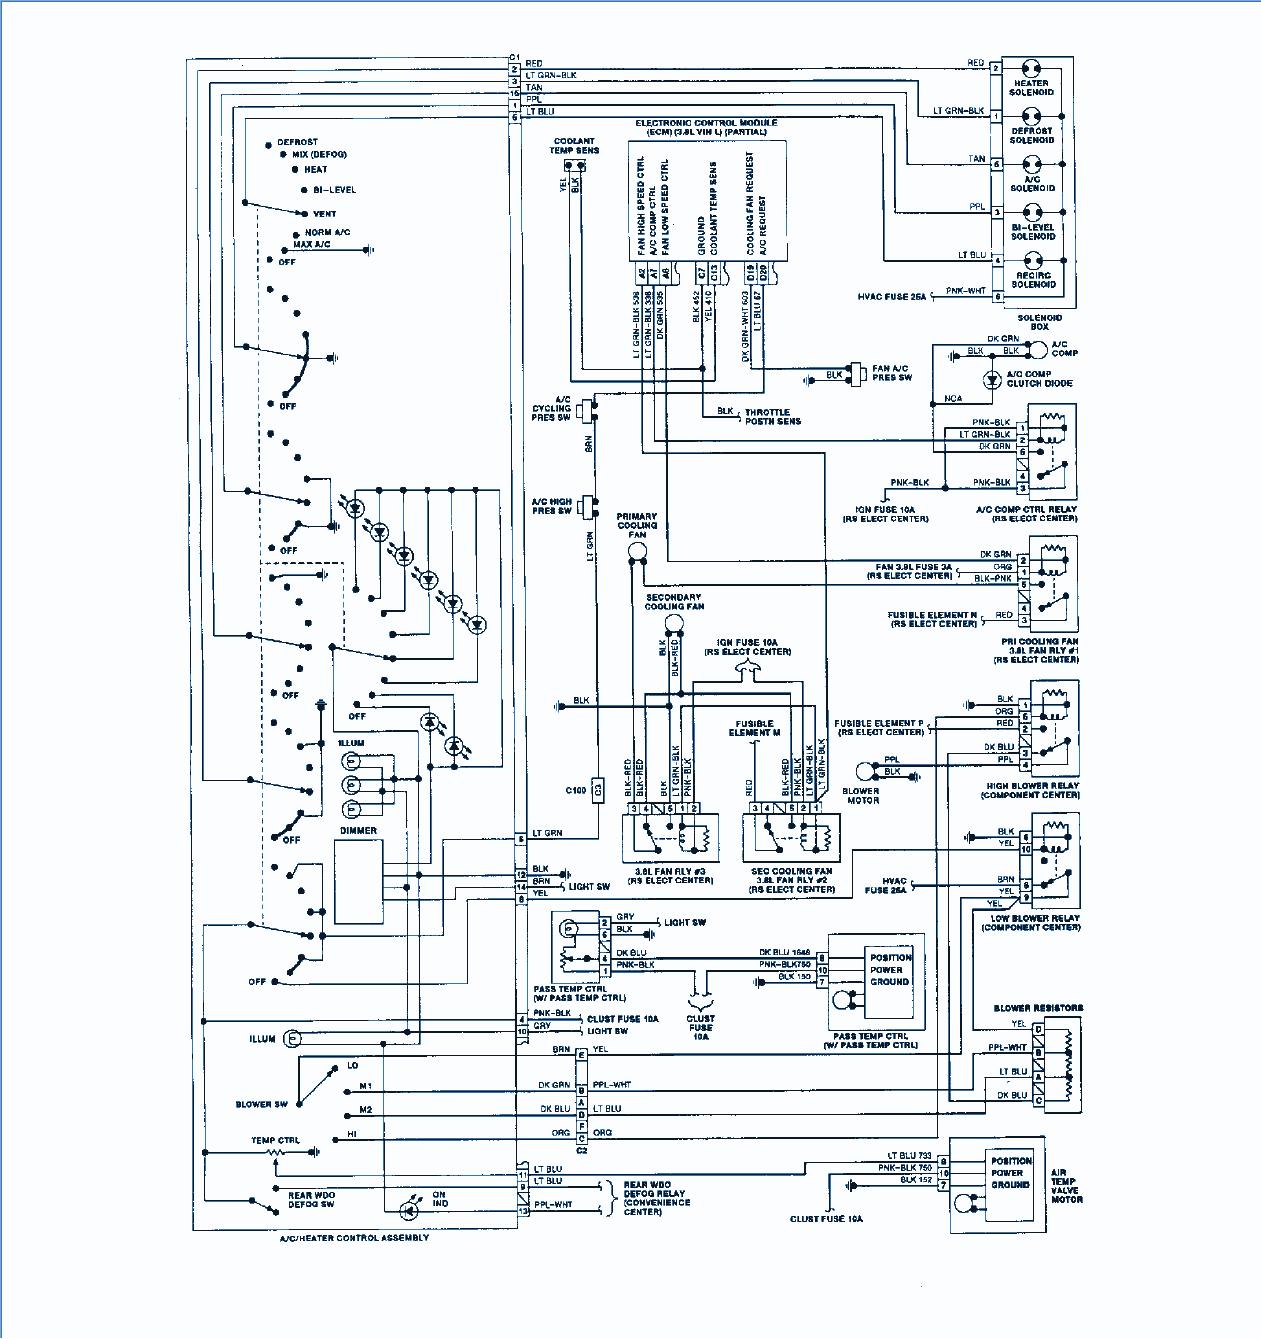 lexus gs430 electric cooling fan system wiring diagram - wiring diagram  known-introduce - known-introduce.pennyapp.it  pennyapp.it